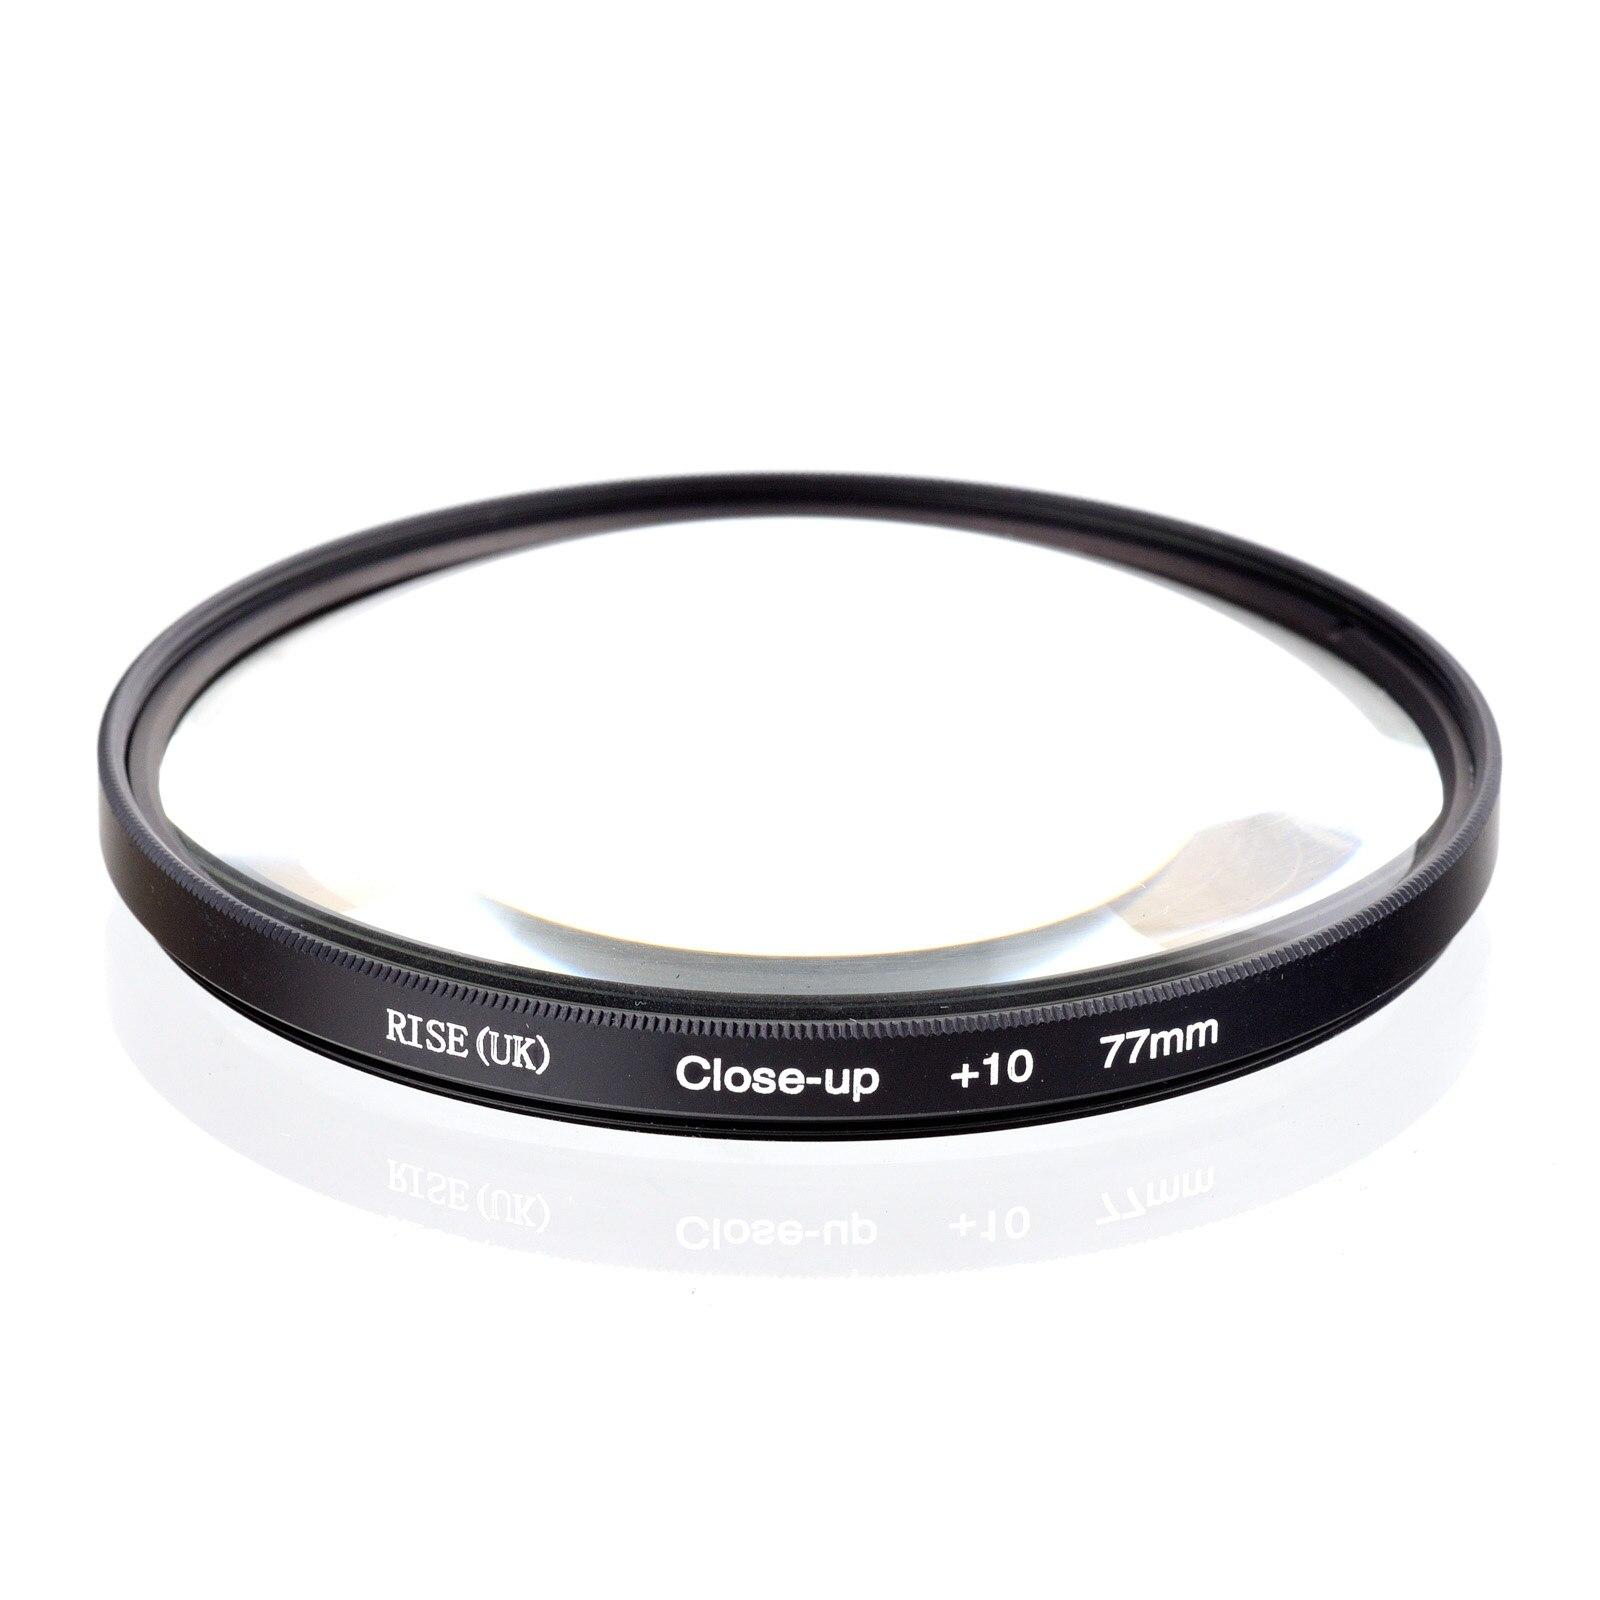 RISE UK 77mm Close Up 10 Macro Lens Filter for Nikon Canon SLR DSLR Camera Free